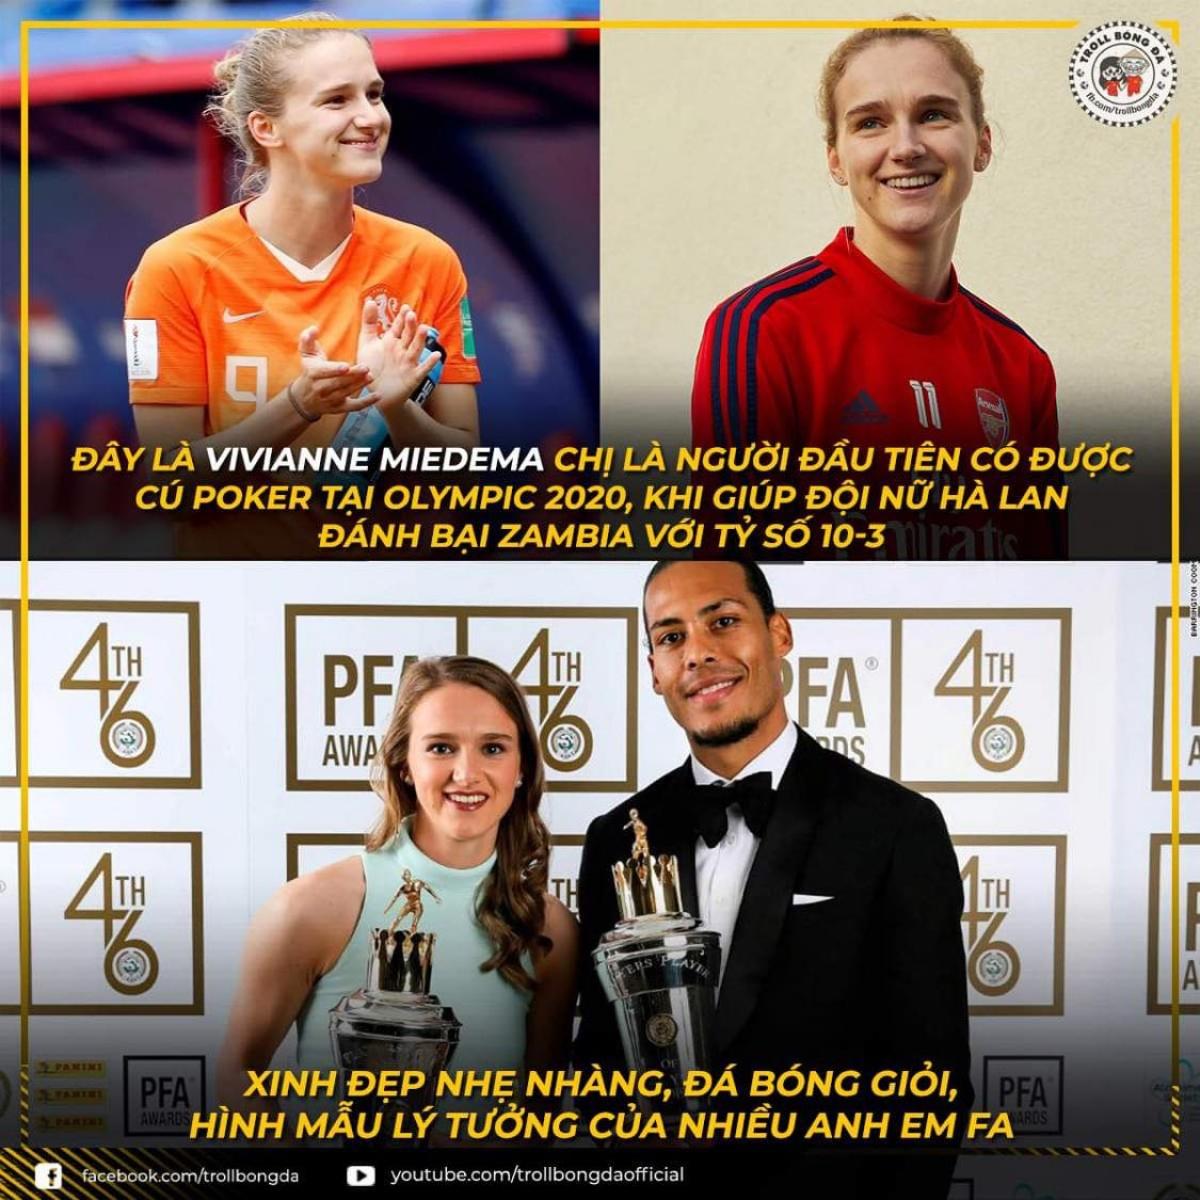 Nữ cầu thủ Hà Lan thu hút sự chú ý của người hâm mộ. (Ảnh: Troll bóng đá).